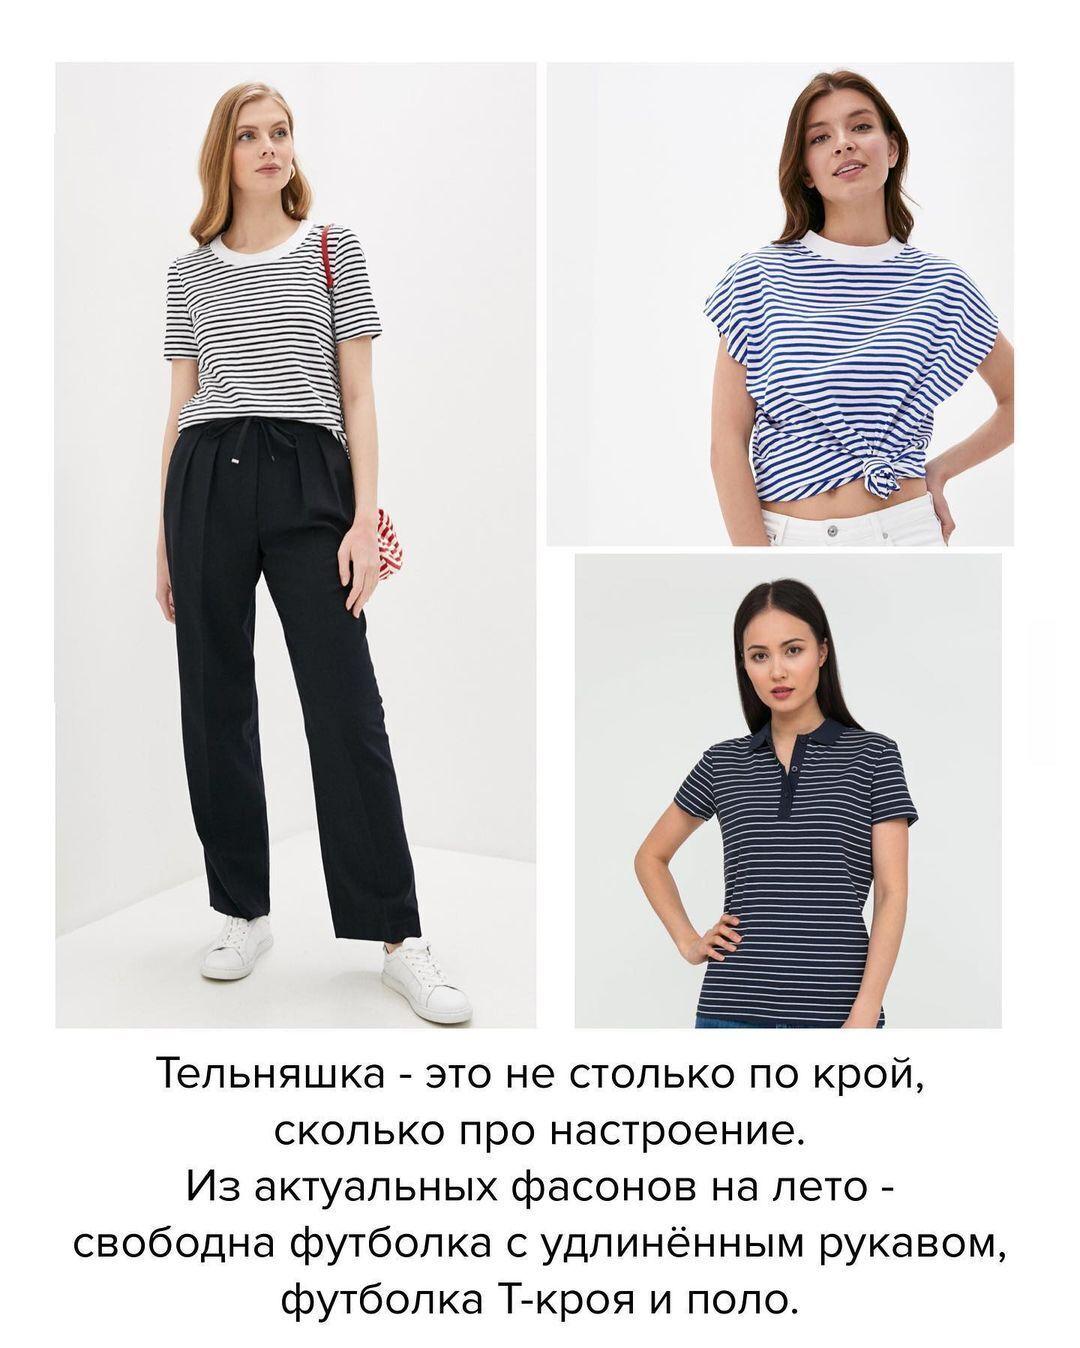 Актуальные фасоны тельняшки – футболка с удлиненным рукавом, T-кроя и поло